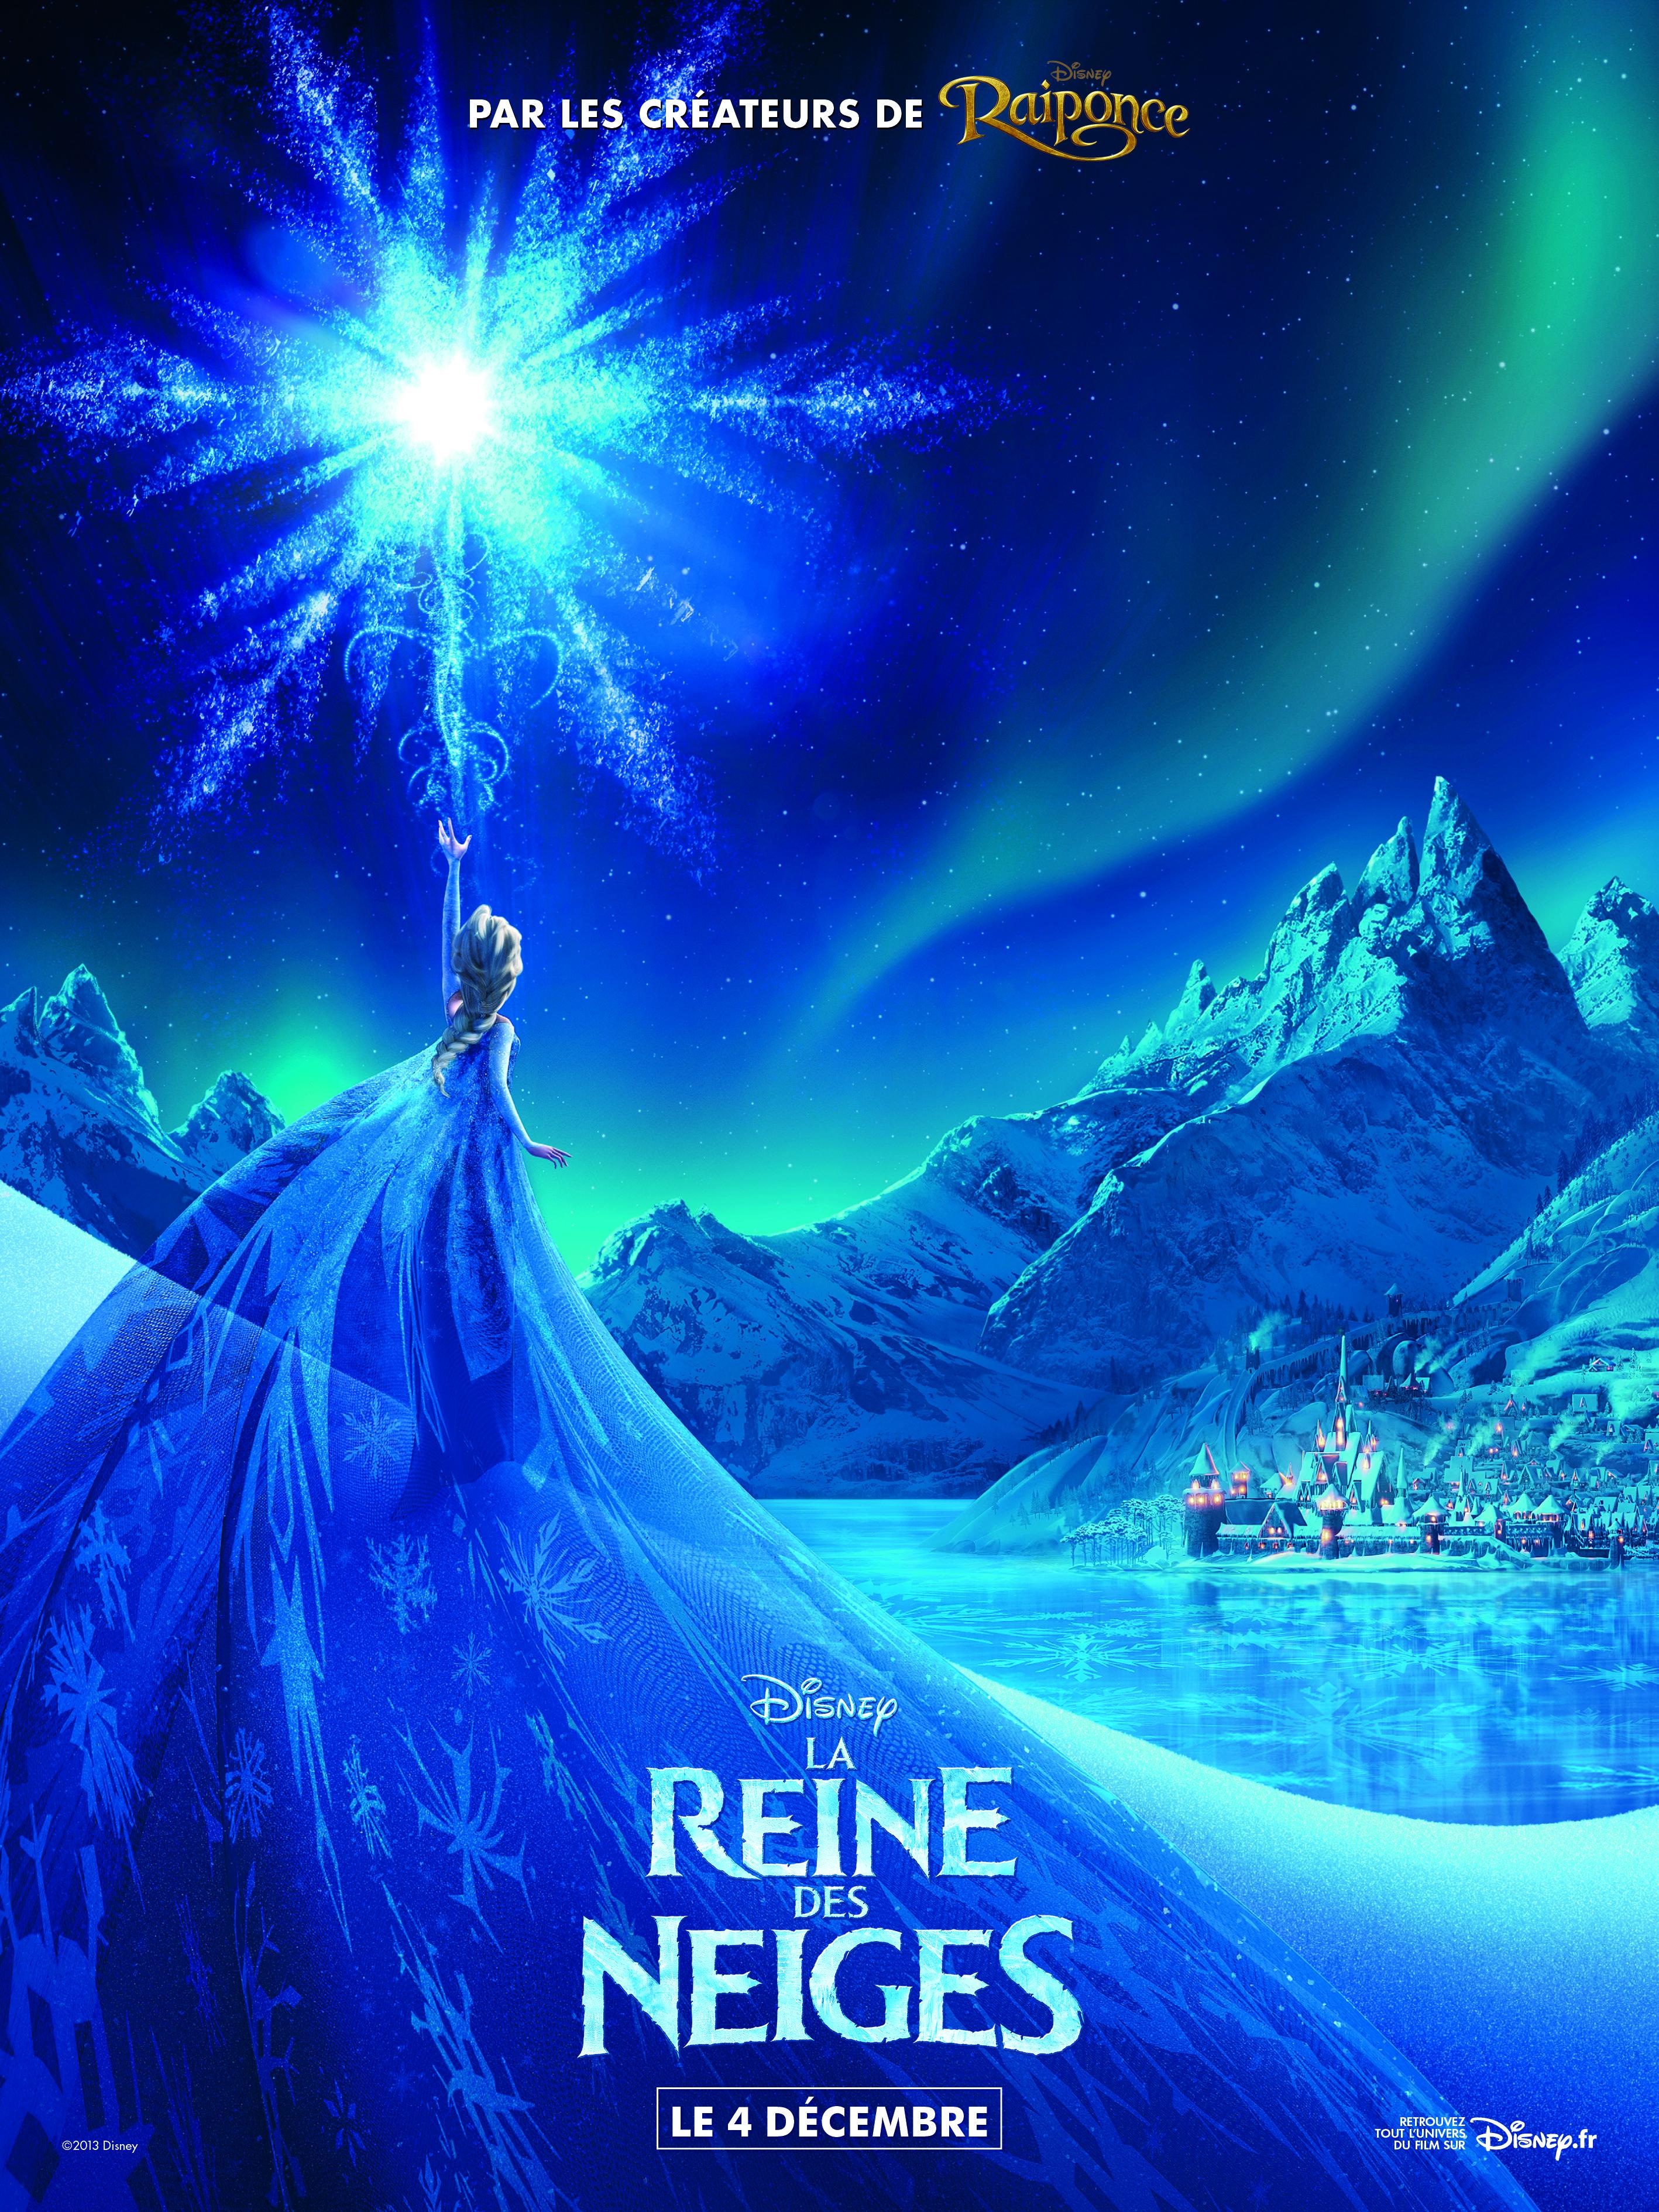 La reine des neiges au grand rex toutelaculture la - Fin de la reine des neiges ...